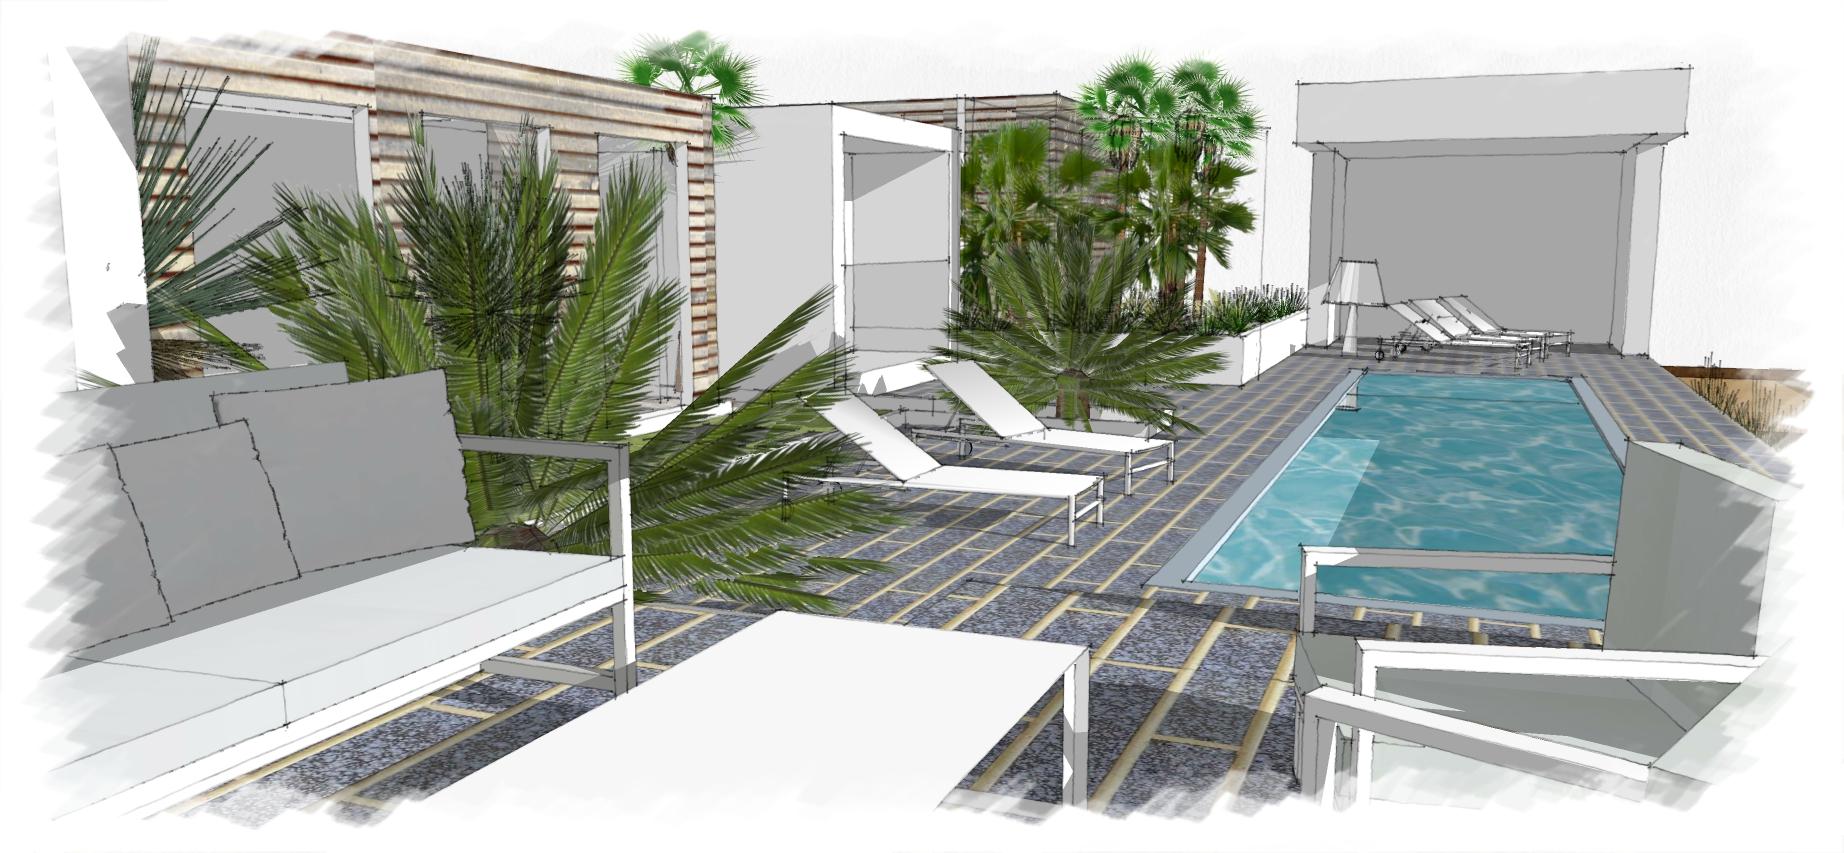 Actualit architectes paysagistes valea concept for Architecte paysagiste contemporain